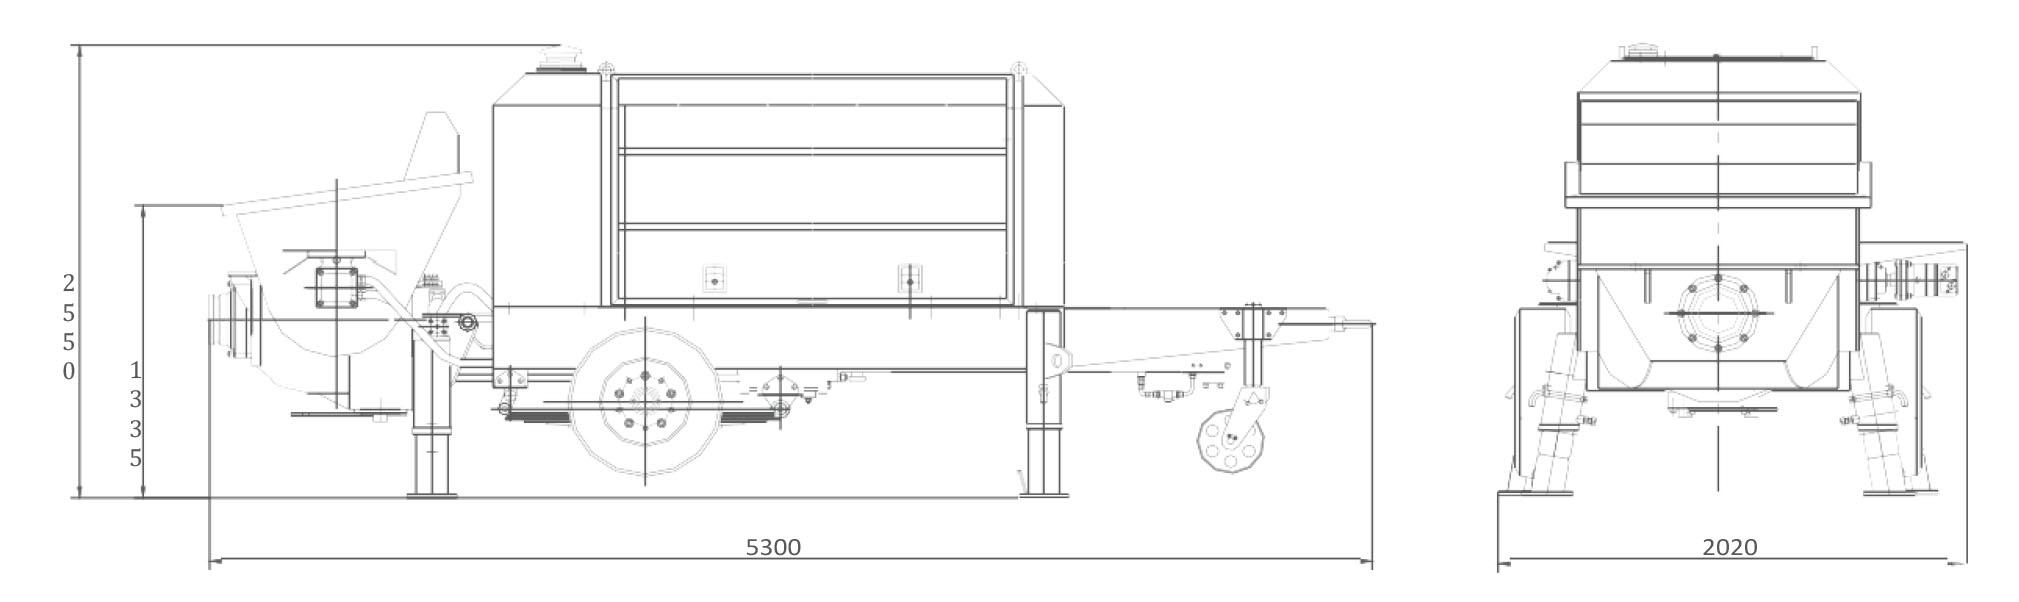 Размеры стационарного бетононасоса Zoomlion HBT50.10.60RS